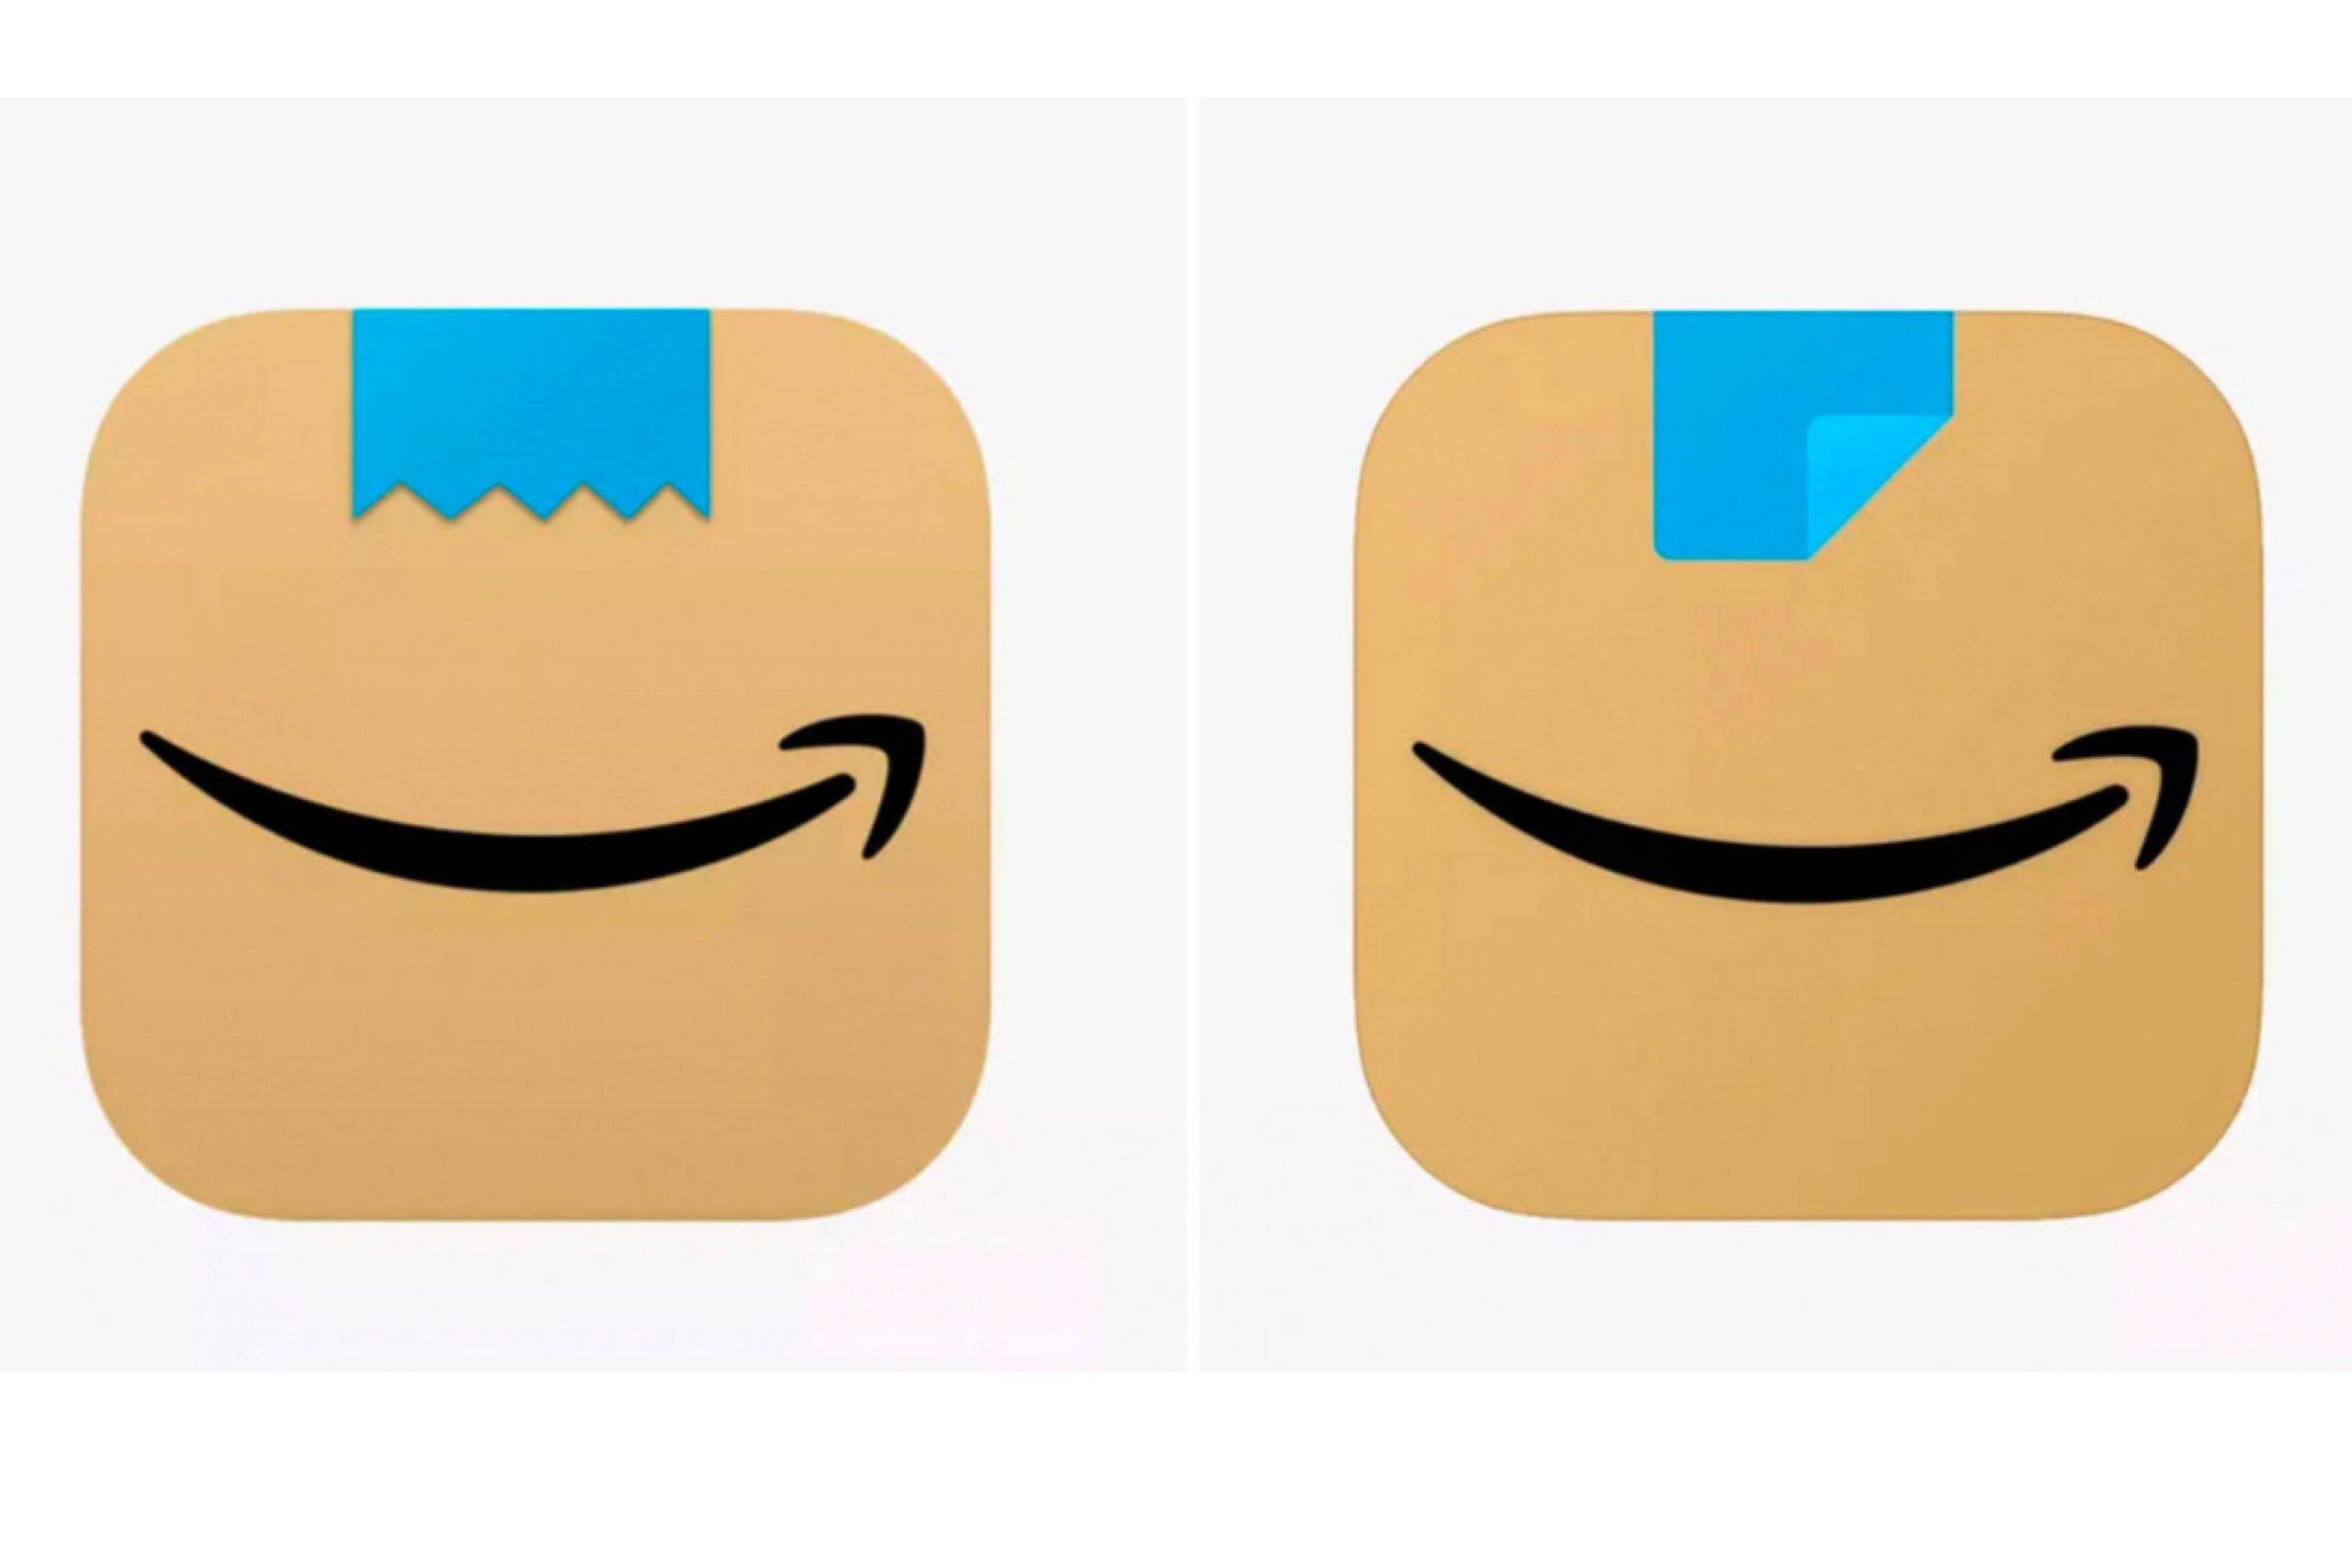 Amazon abandonne son nouveau logo… pour une affaire de moustache - Journal du geek